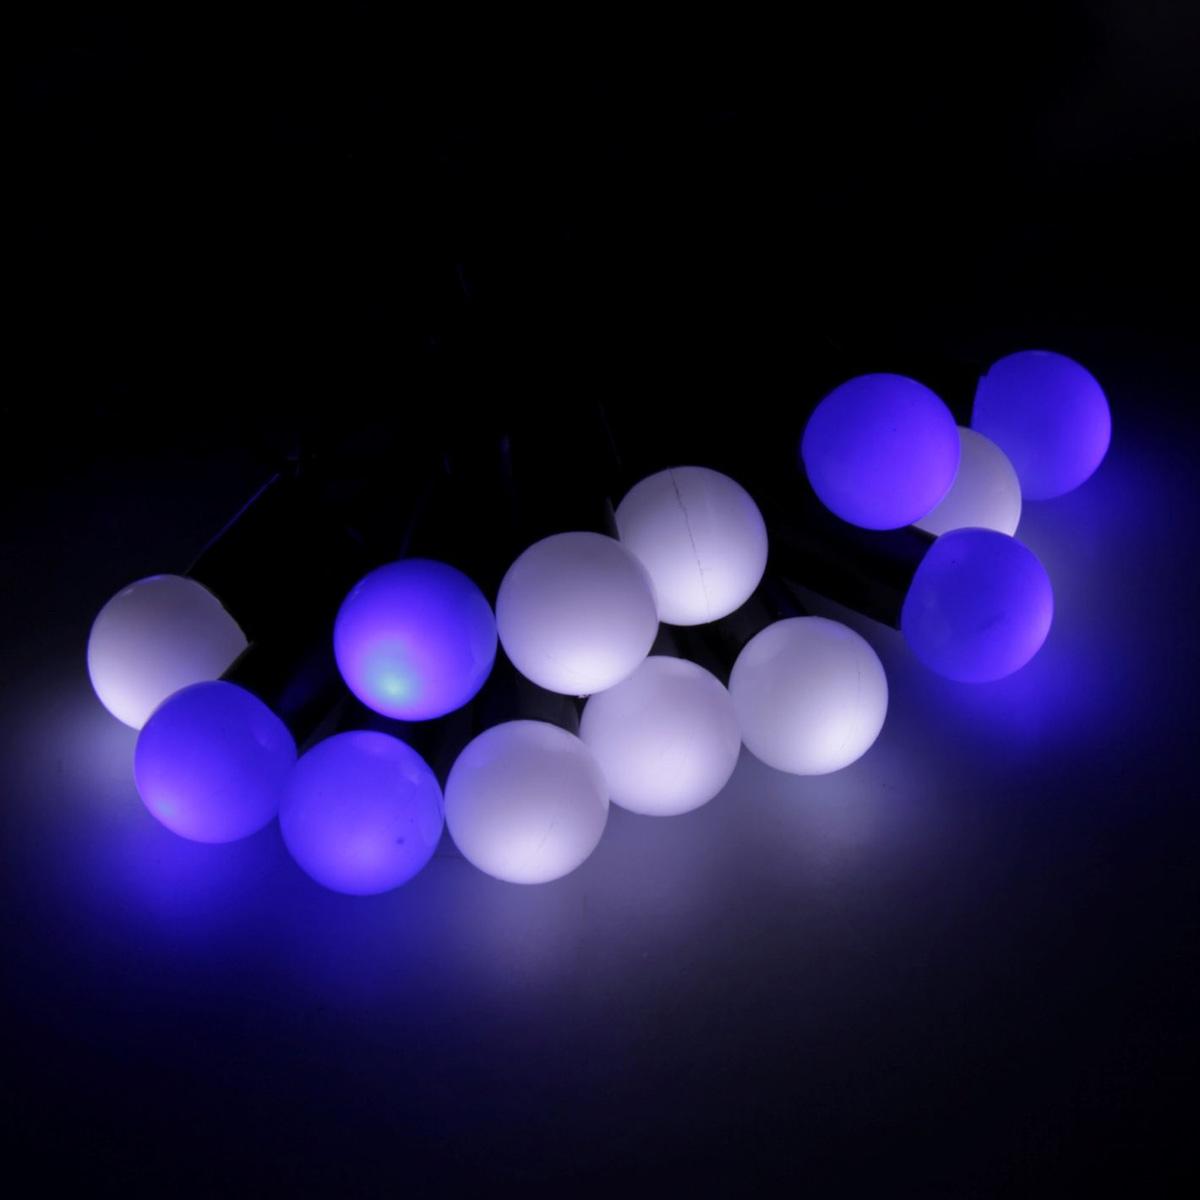 Гирлянда светодиодная Luazon Метраж. Шарики, уличная с насадкой, моргает, 50 ламп, 220 V, 6 м, цвет: синий. 185530185530Светодиодные гирлянды, ленты и т.д. — это отличный вариант для новогоднего оформления интерьера или фасада. С их помощью помещение любого размера можно превратить в праздничный зал, а внешние элементы зданий, украшенные ими, мгновенно станут напоминать очертания сказочного дворца. Такие украшения создают ауру предвкушения чуда. Деревья, фасады, витрины, окна и арки будто специально созданы, чтобы вы украсили их светящимися нитями.